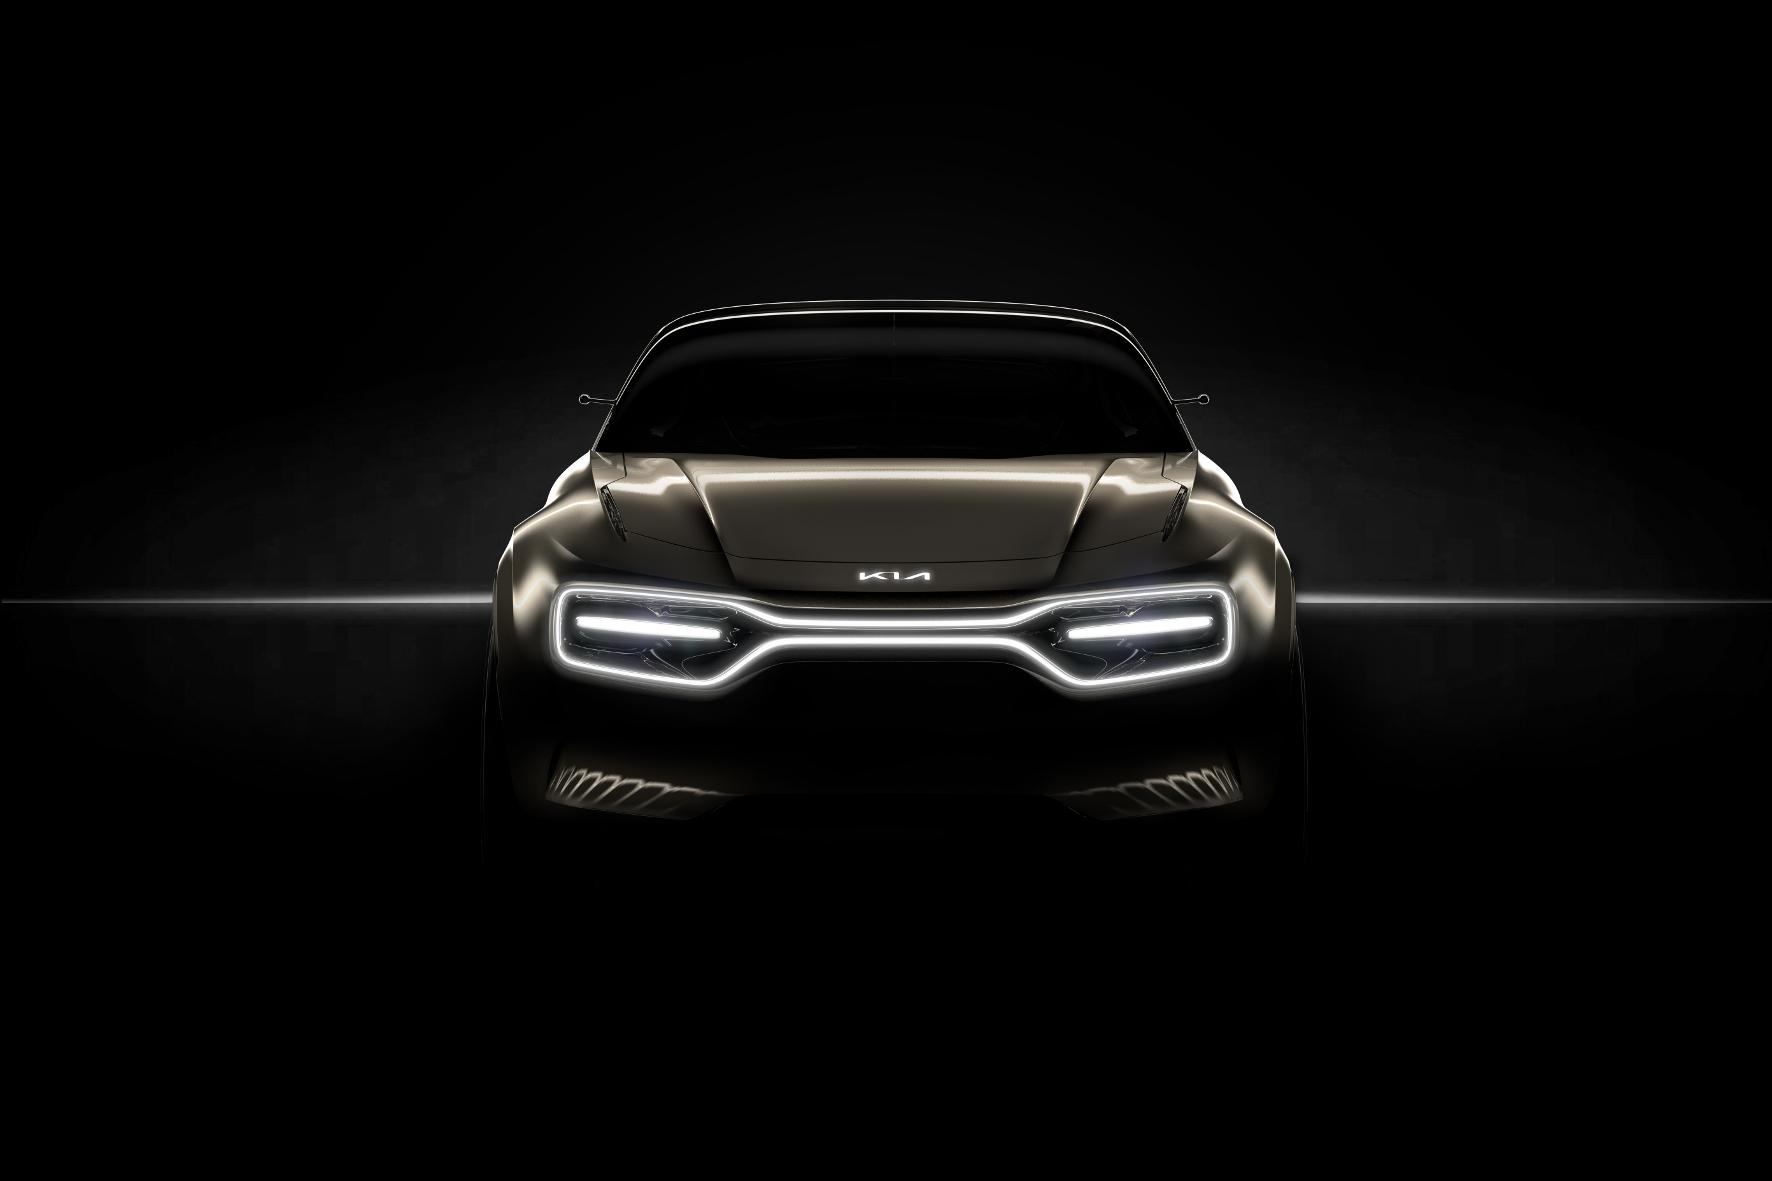 mid Groß-Gerau - Elektroautos müssen nicht langweilig aussehen. Das möchte Kia jetzt auf dem Genfer Automobilsalon mit einem Konzeptfahrzeug unterstreichen. Kia